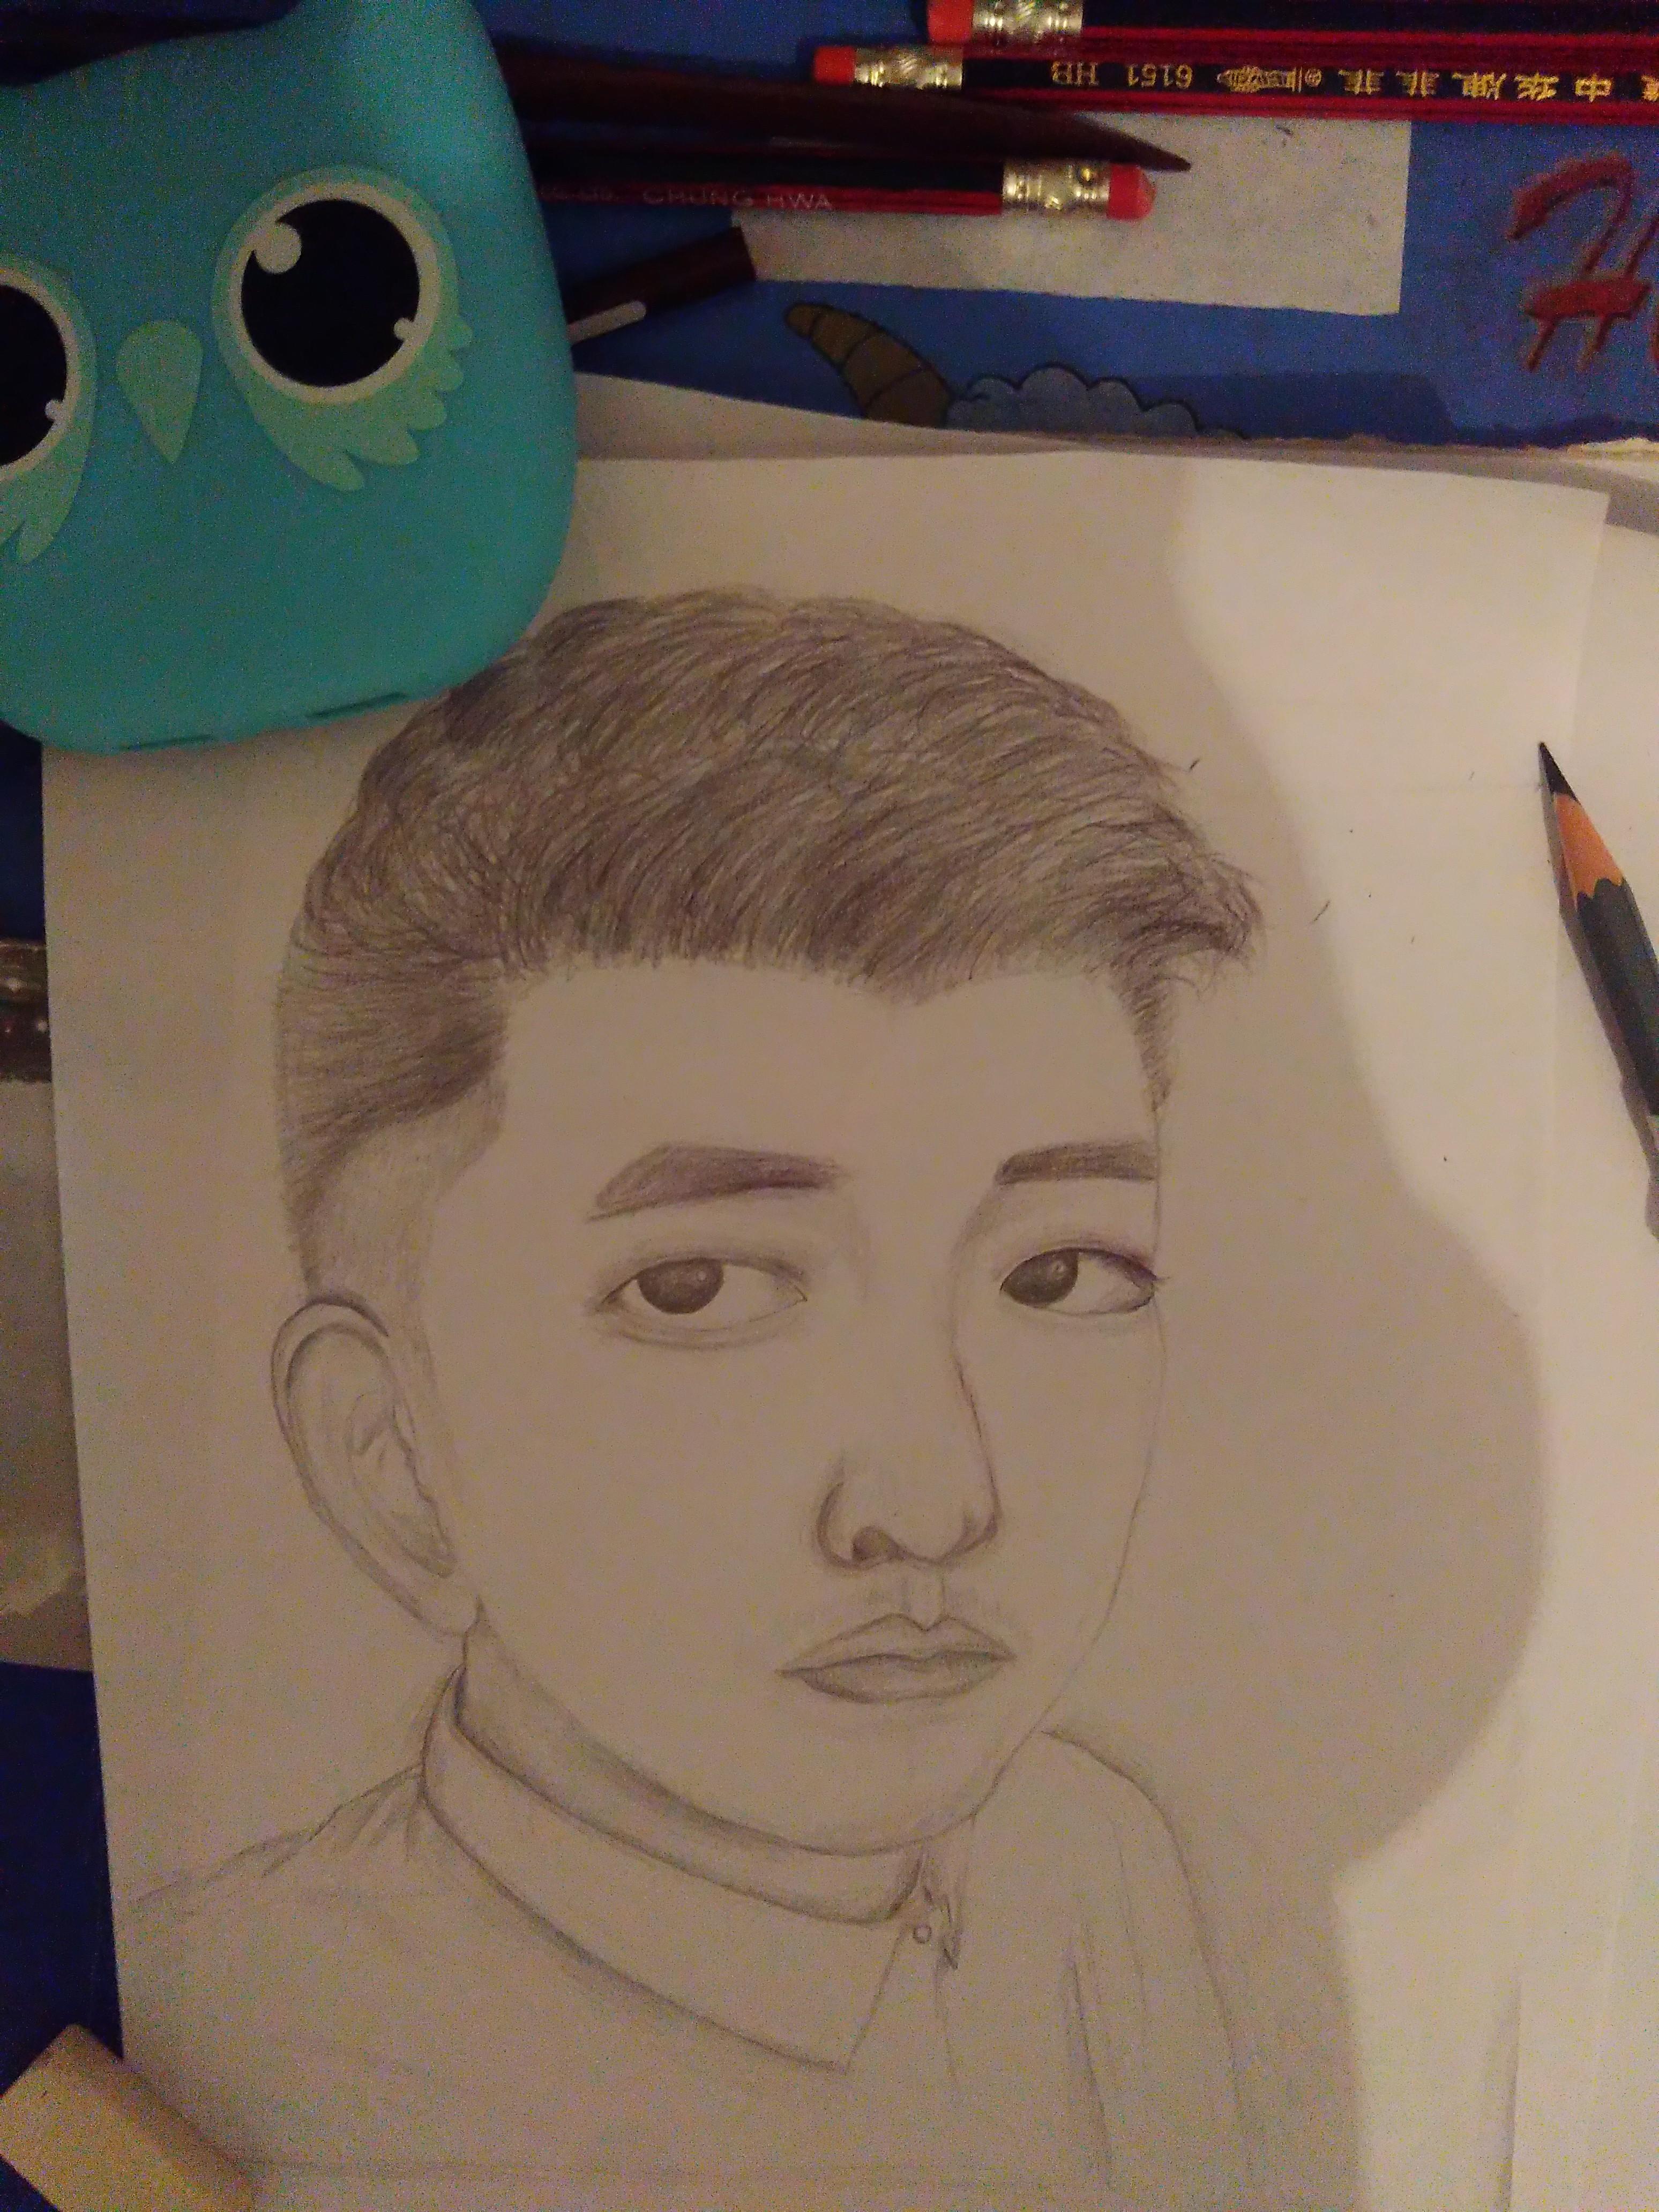 手绘头像一枚|插画|像素画|rita小黄人 - 原创作品